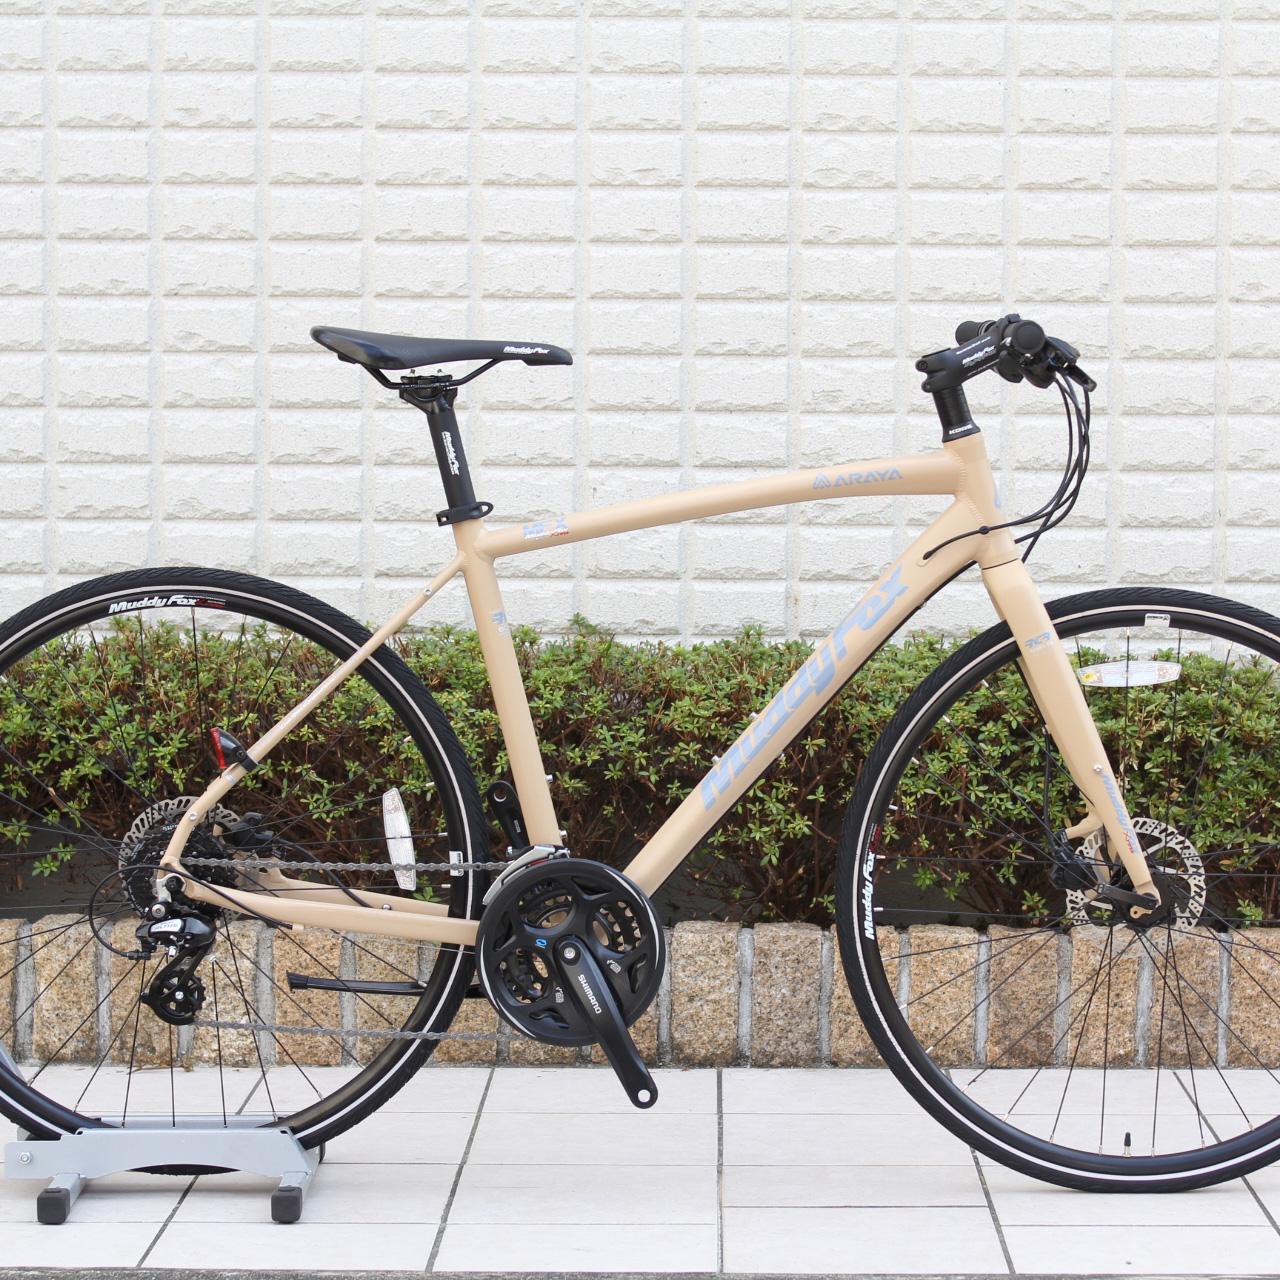 ARAYA『MFX』コストパフォーマンスに優れた油圧ブレーキ採用のクロスバイク